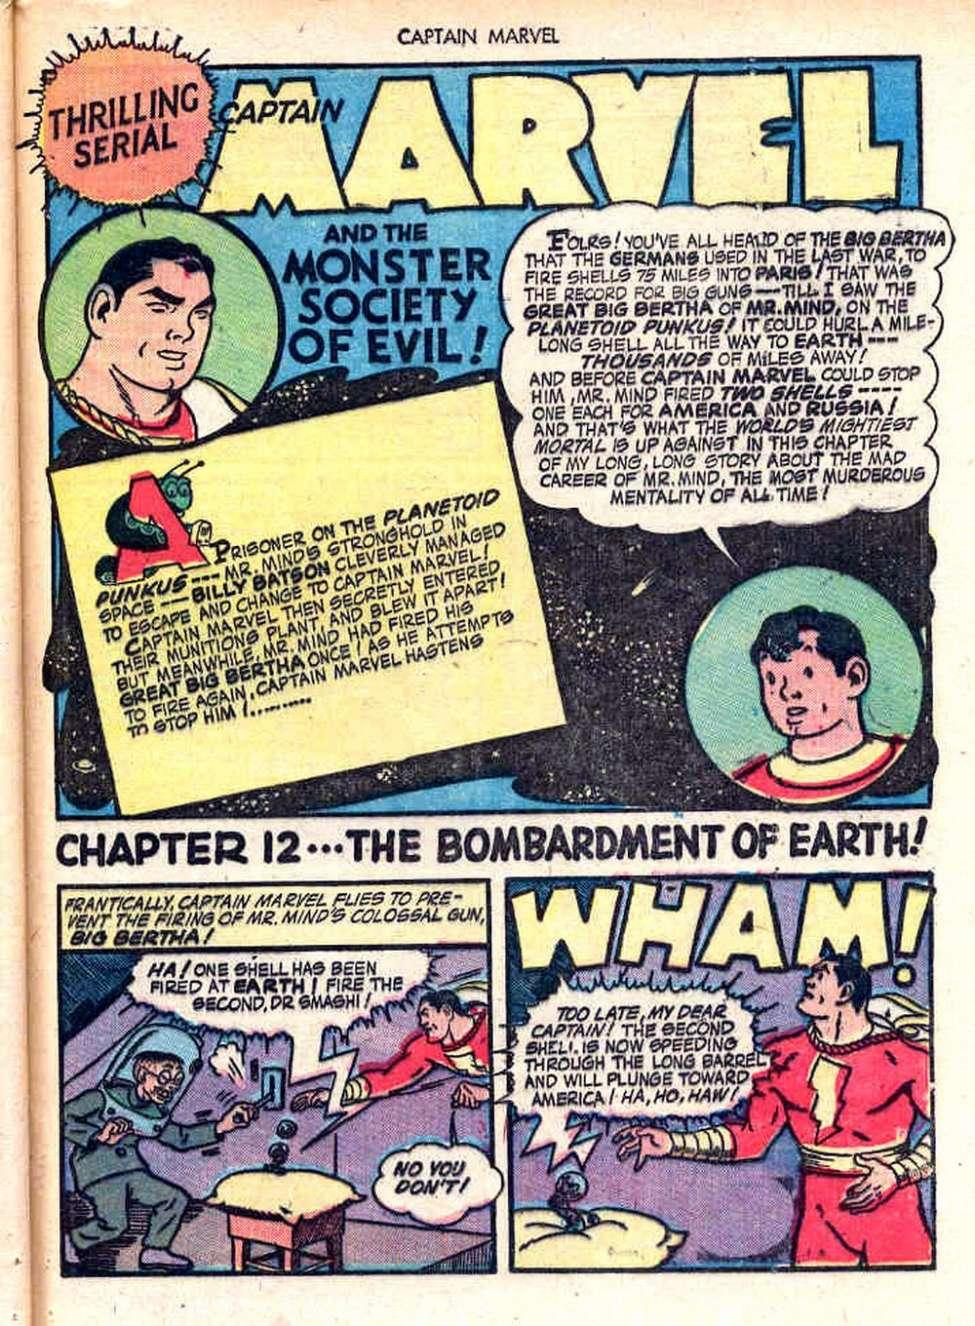 Comic Book Cover For Monster Society Of Evil Pt. 2 (Captain Marvel)